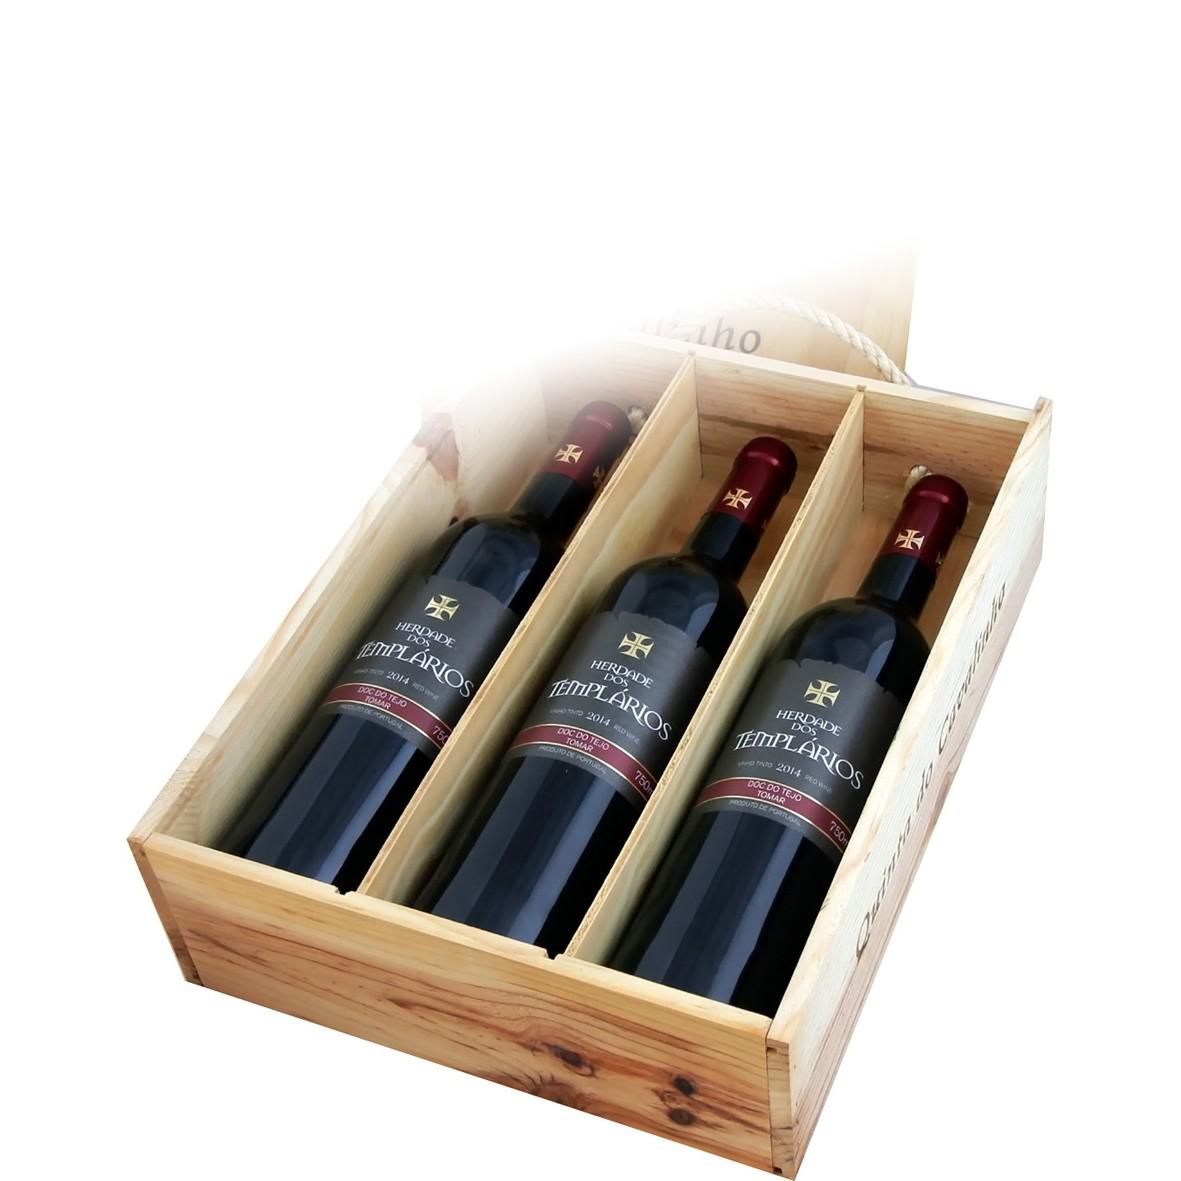 Caixa madeira em pinho com 3 vinhos